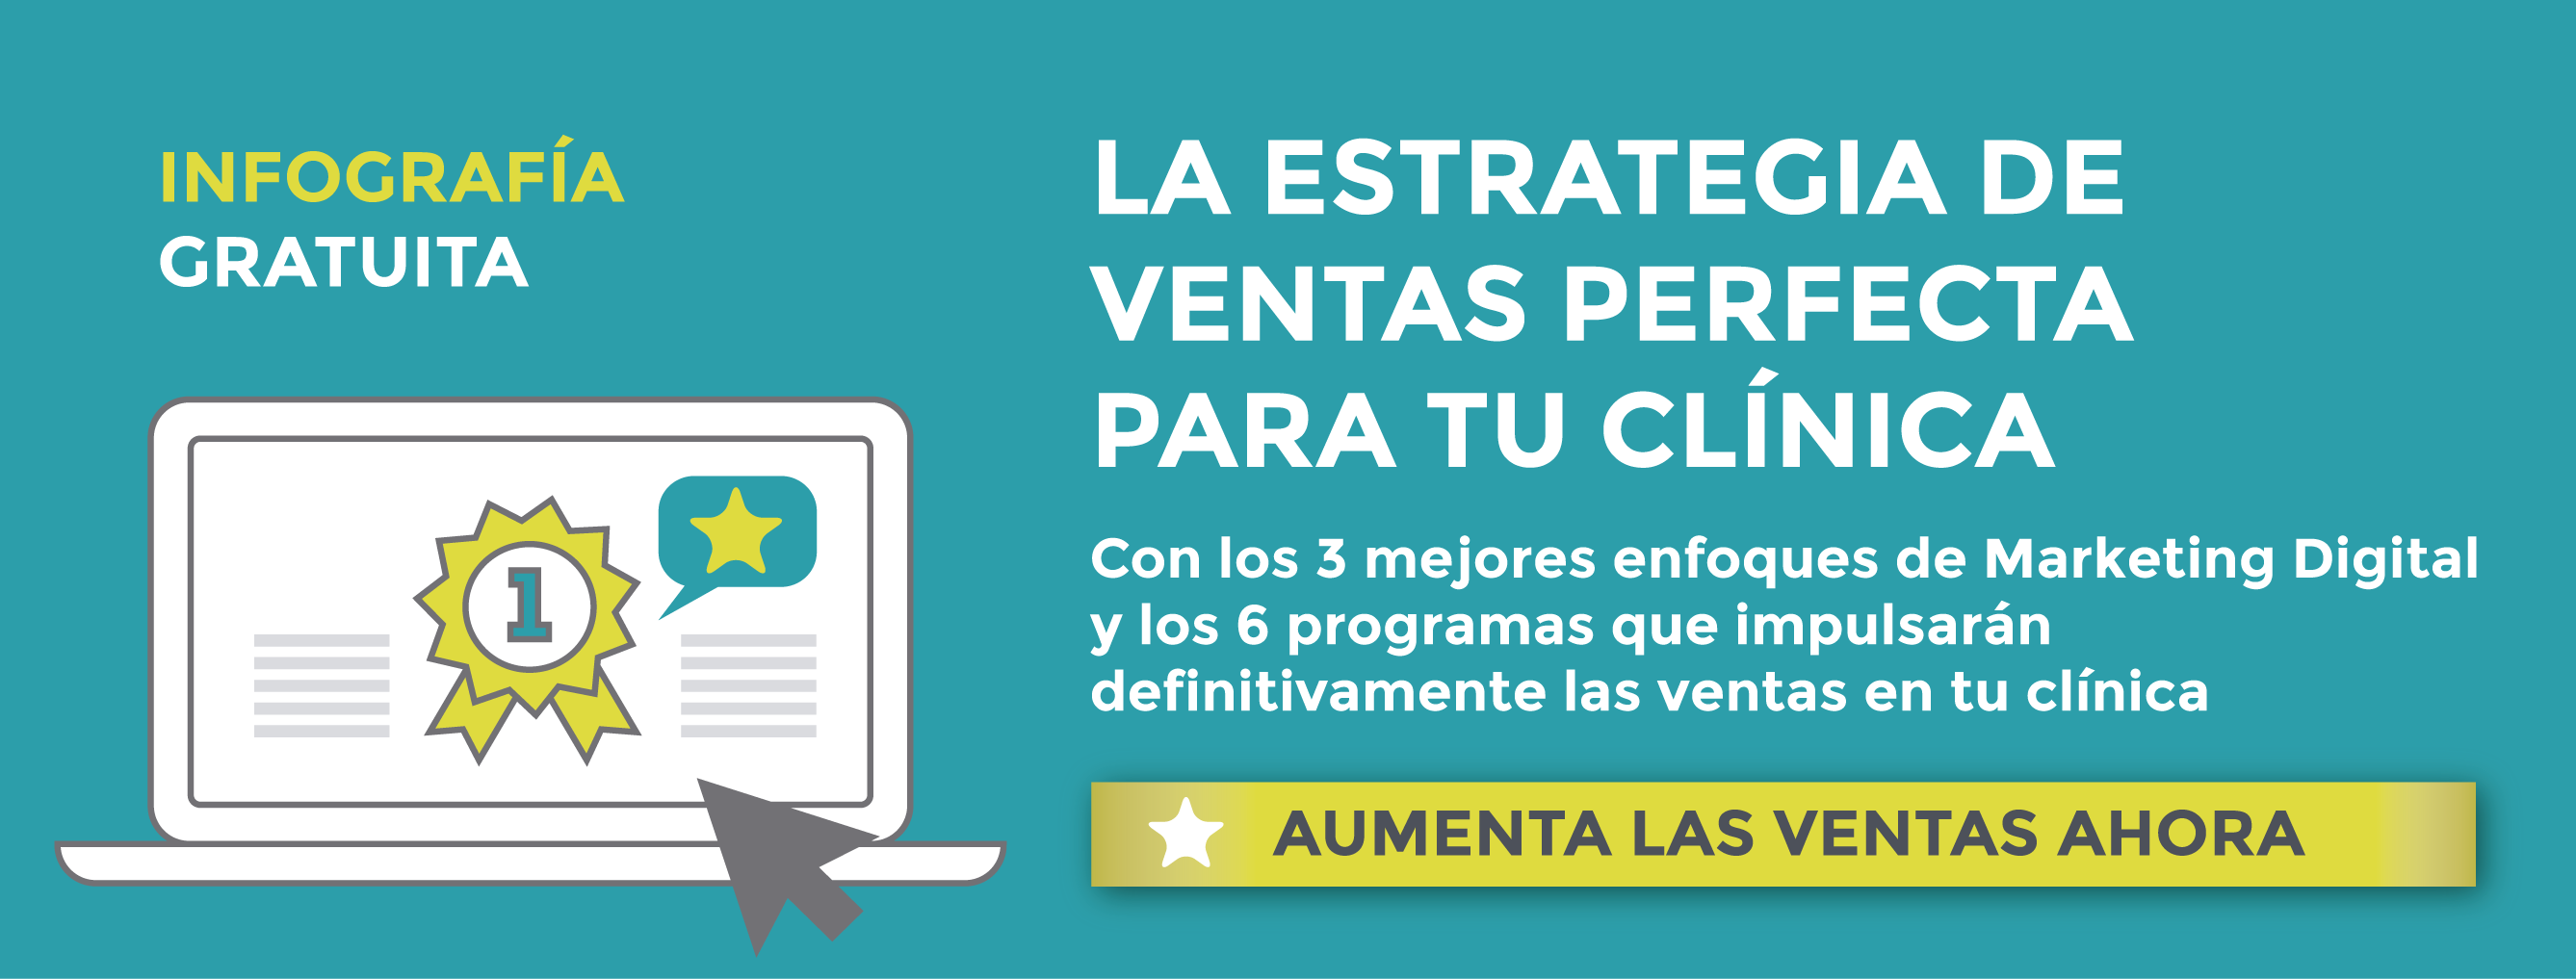 Descarga la guía gratuita para conocer la estrategia de ventas perfecta para tu clínica